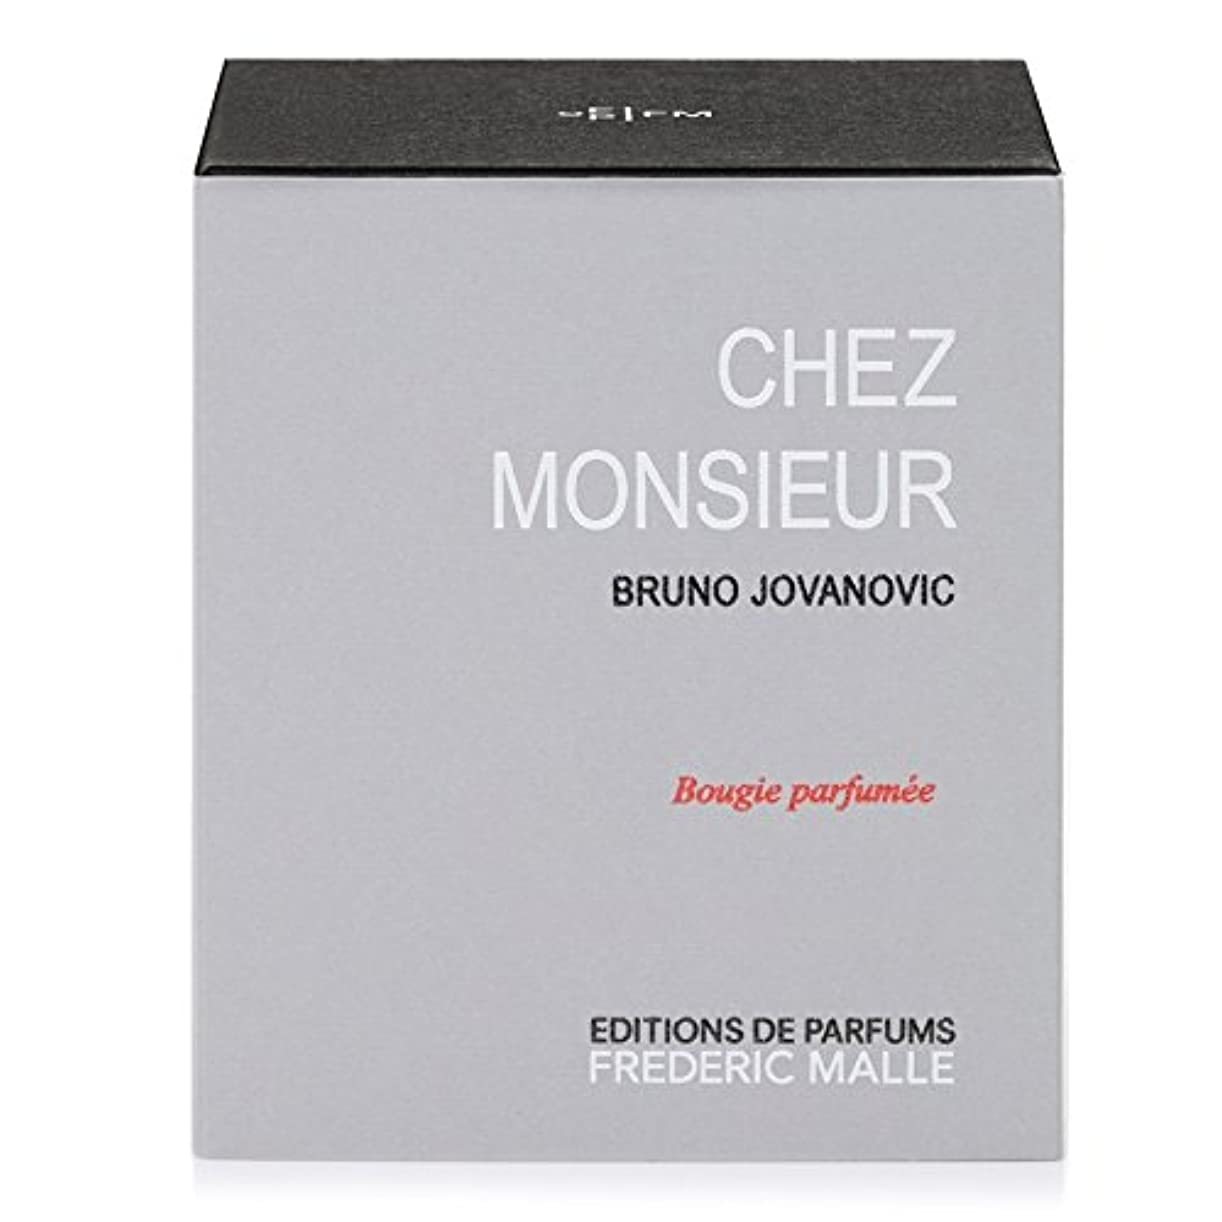 効率的に明らか牛Frederic Malle Chez Monsieur Scented Candle 220g (Pack of 2) - フレデリック?マルシェムッシュ香りのキャンドル220グラム x2 [並行輸入品]